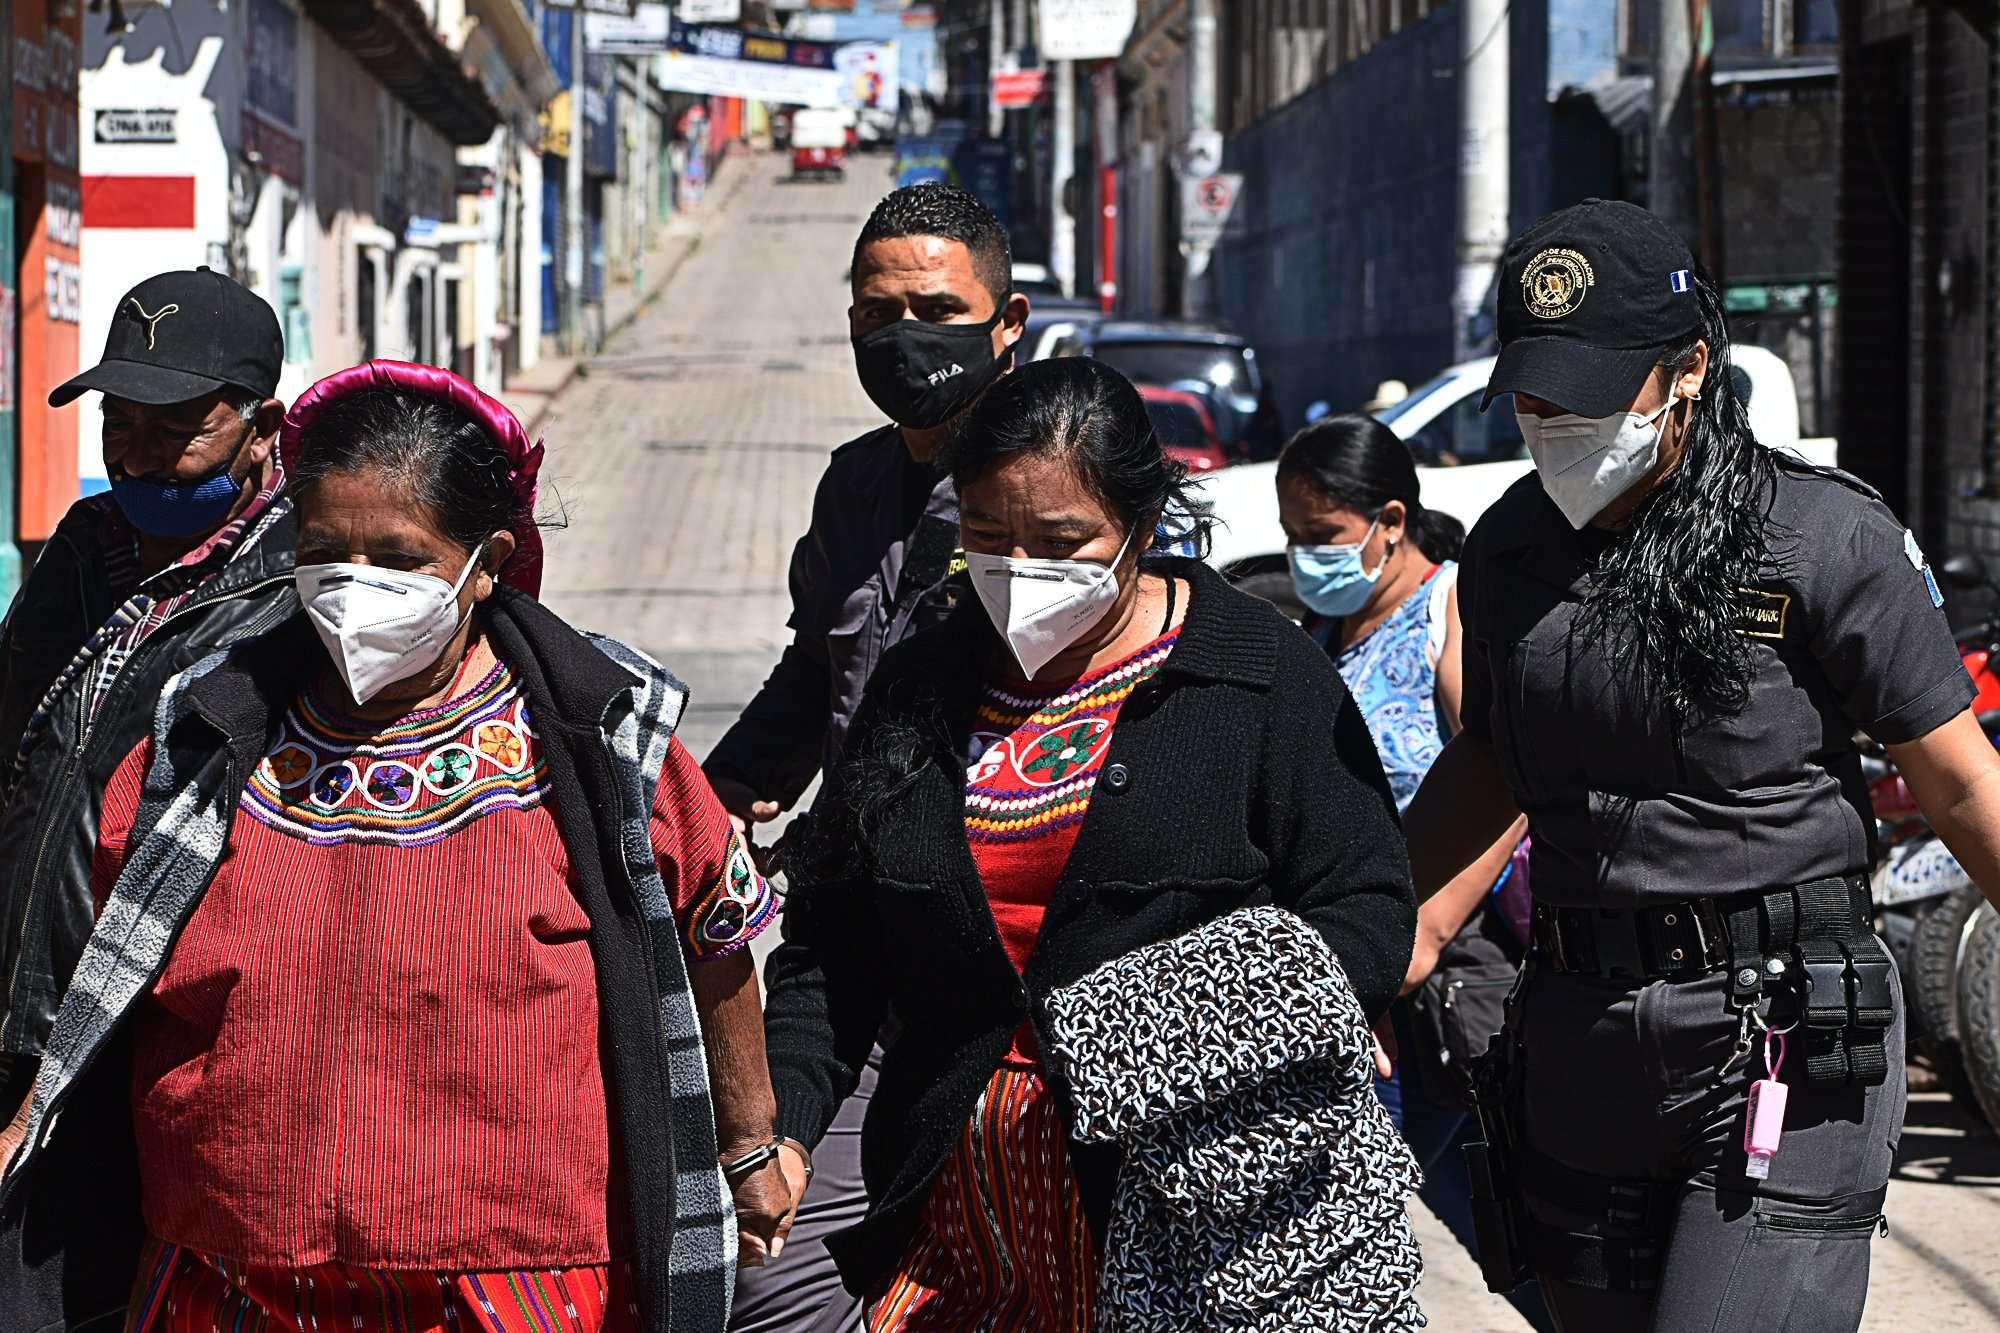 Cuatro periodistas indígenas bajo agresión penal, defienden la libertad de prensa